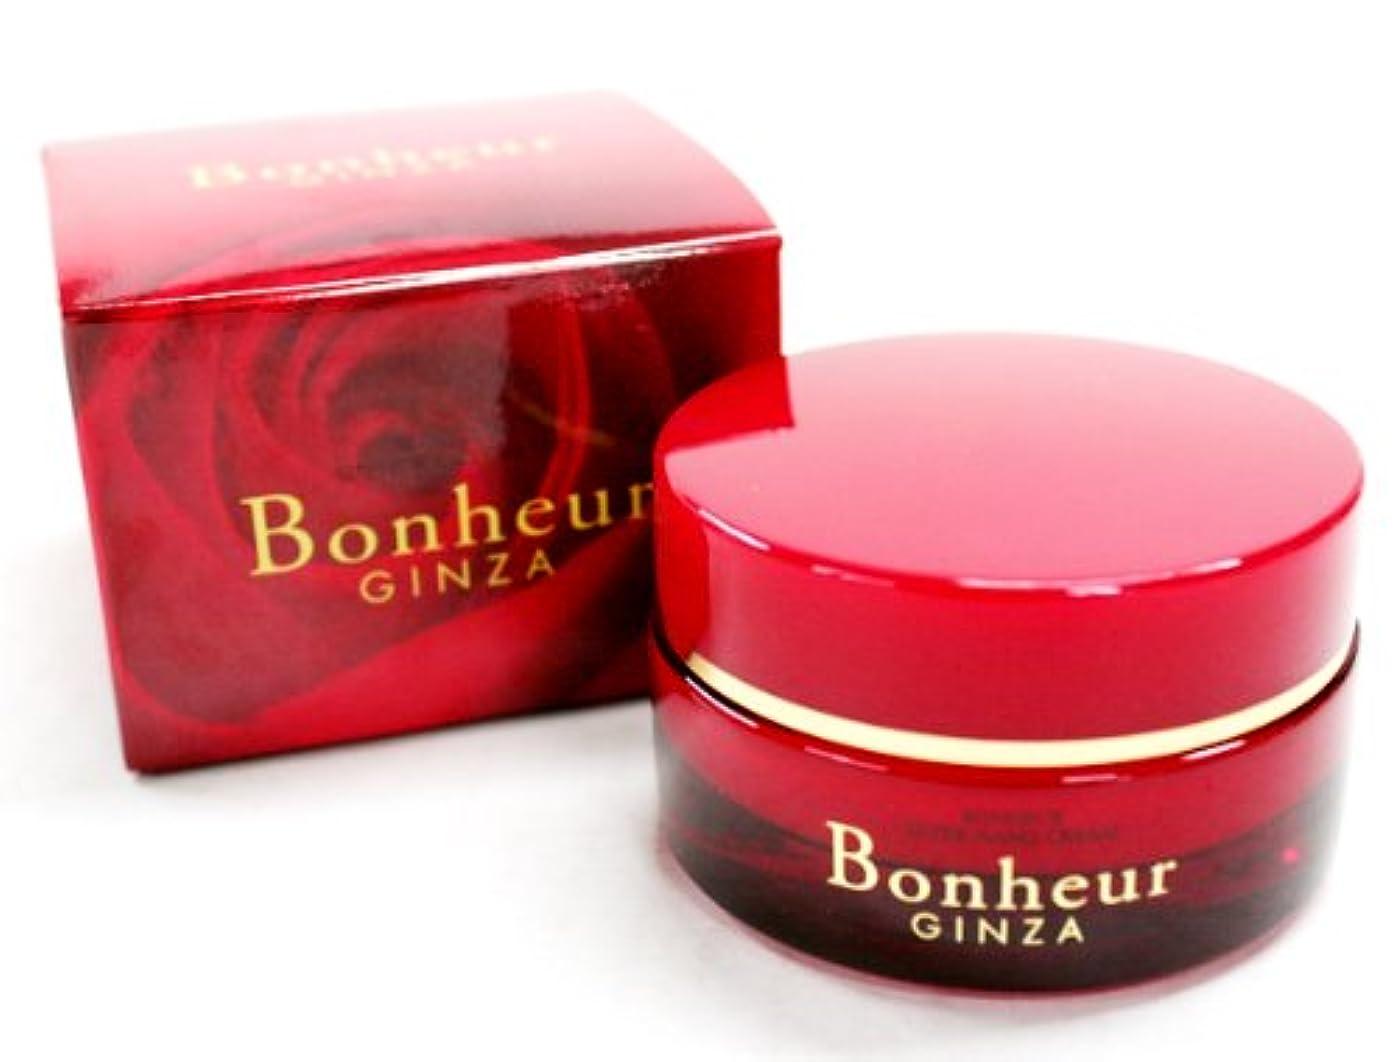 人物保証する突然のBonheur GINZA ボヌール スーパーナノクリーム 30g (こちらの商品の内訳は『1点』のみ)